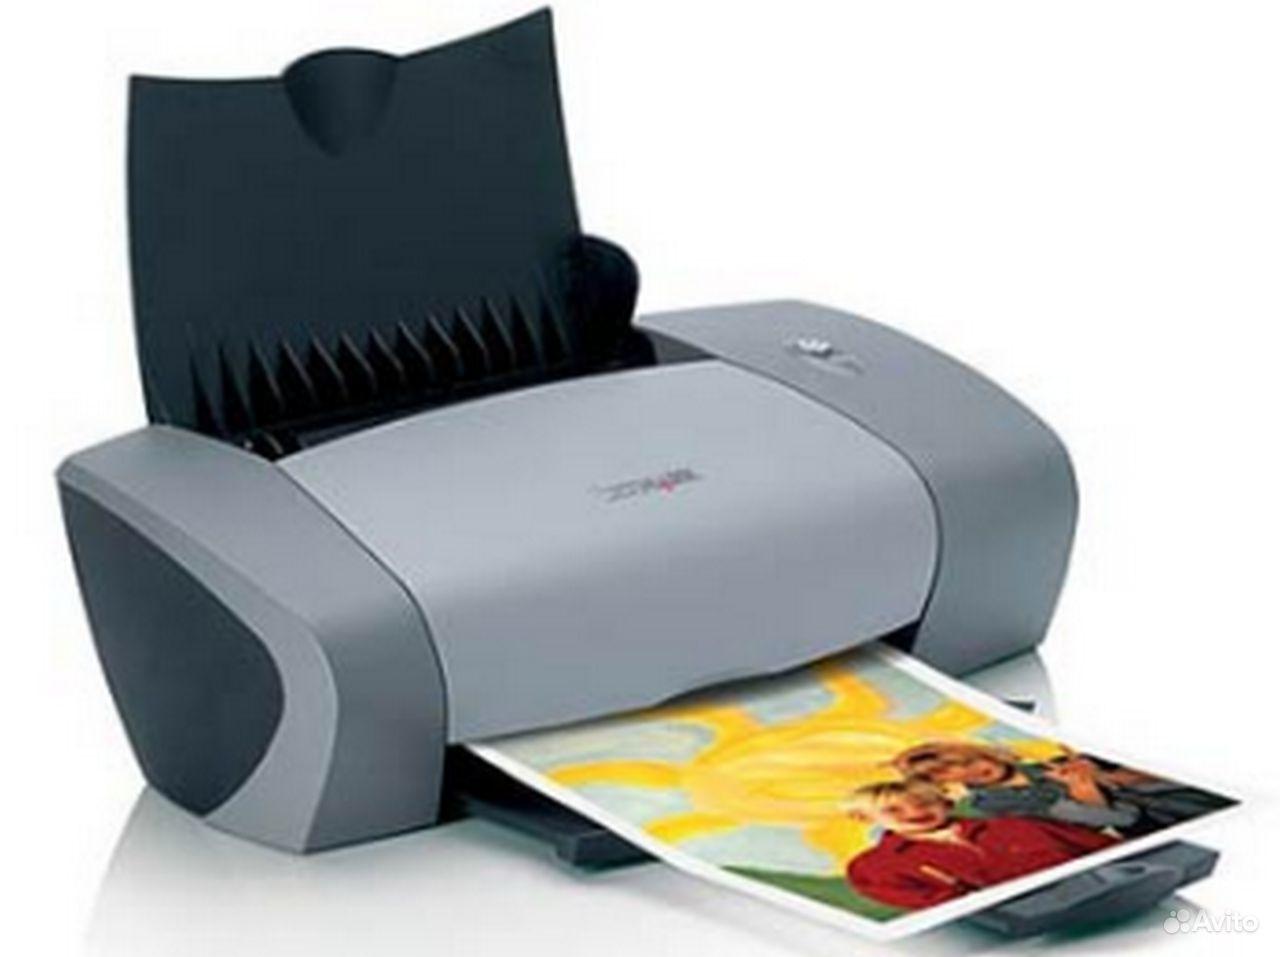 Драйвер Для Принтера Lexmark X1180